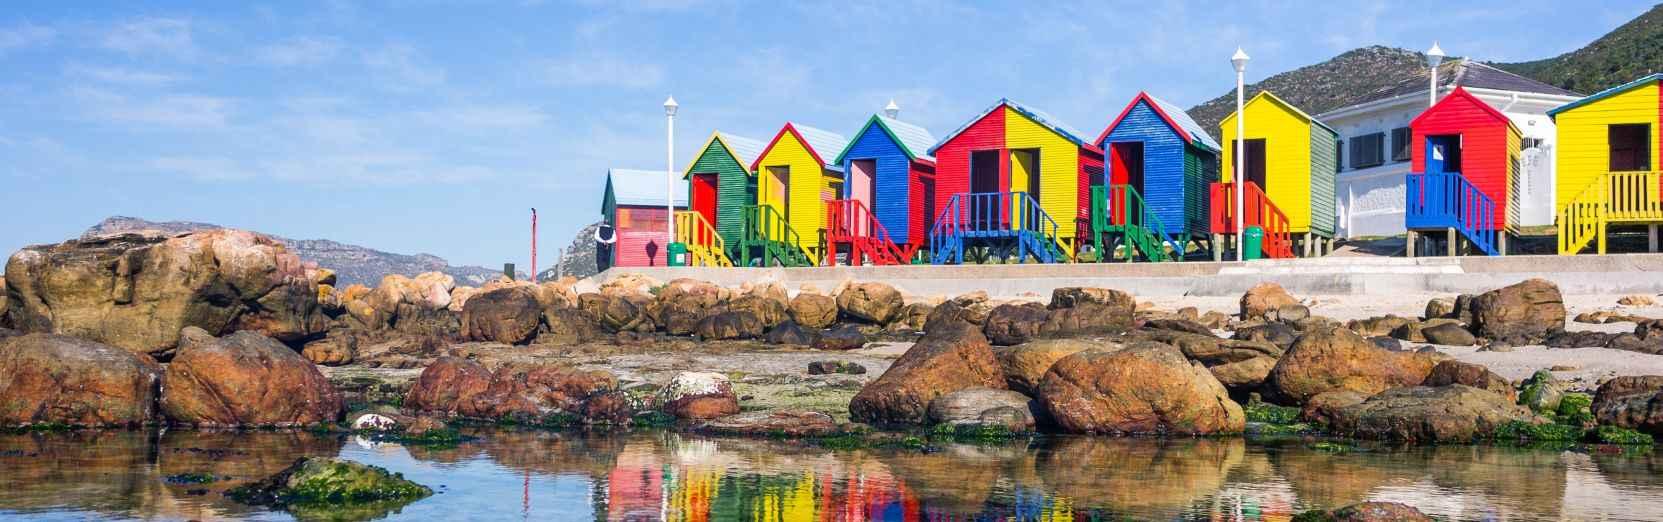 Kapstadt Reise